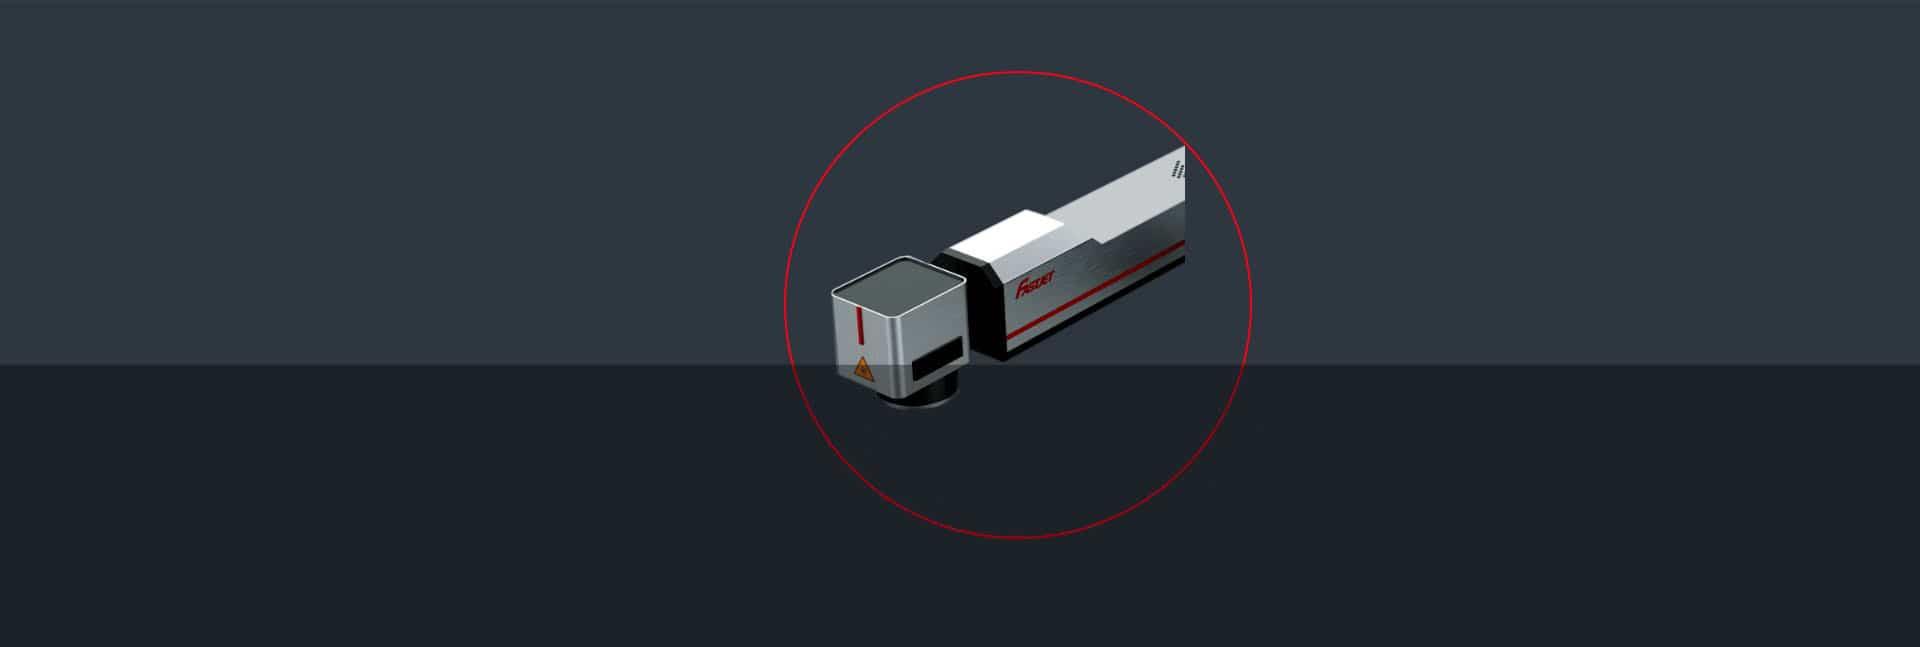 Лазерний маркувальник Fastjet F8200 лазерна голівка